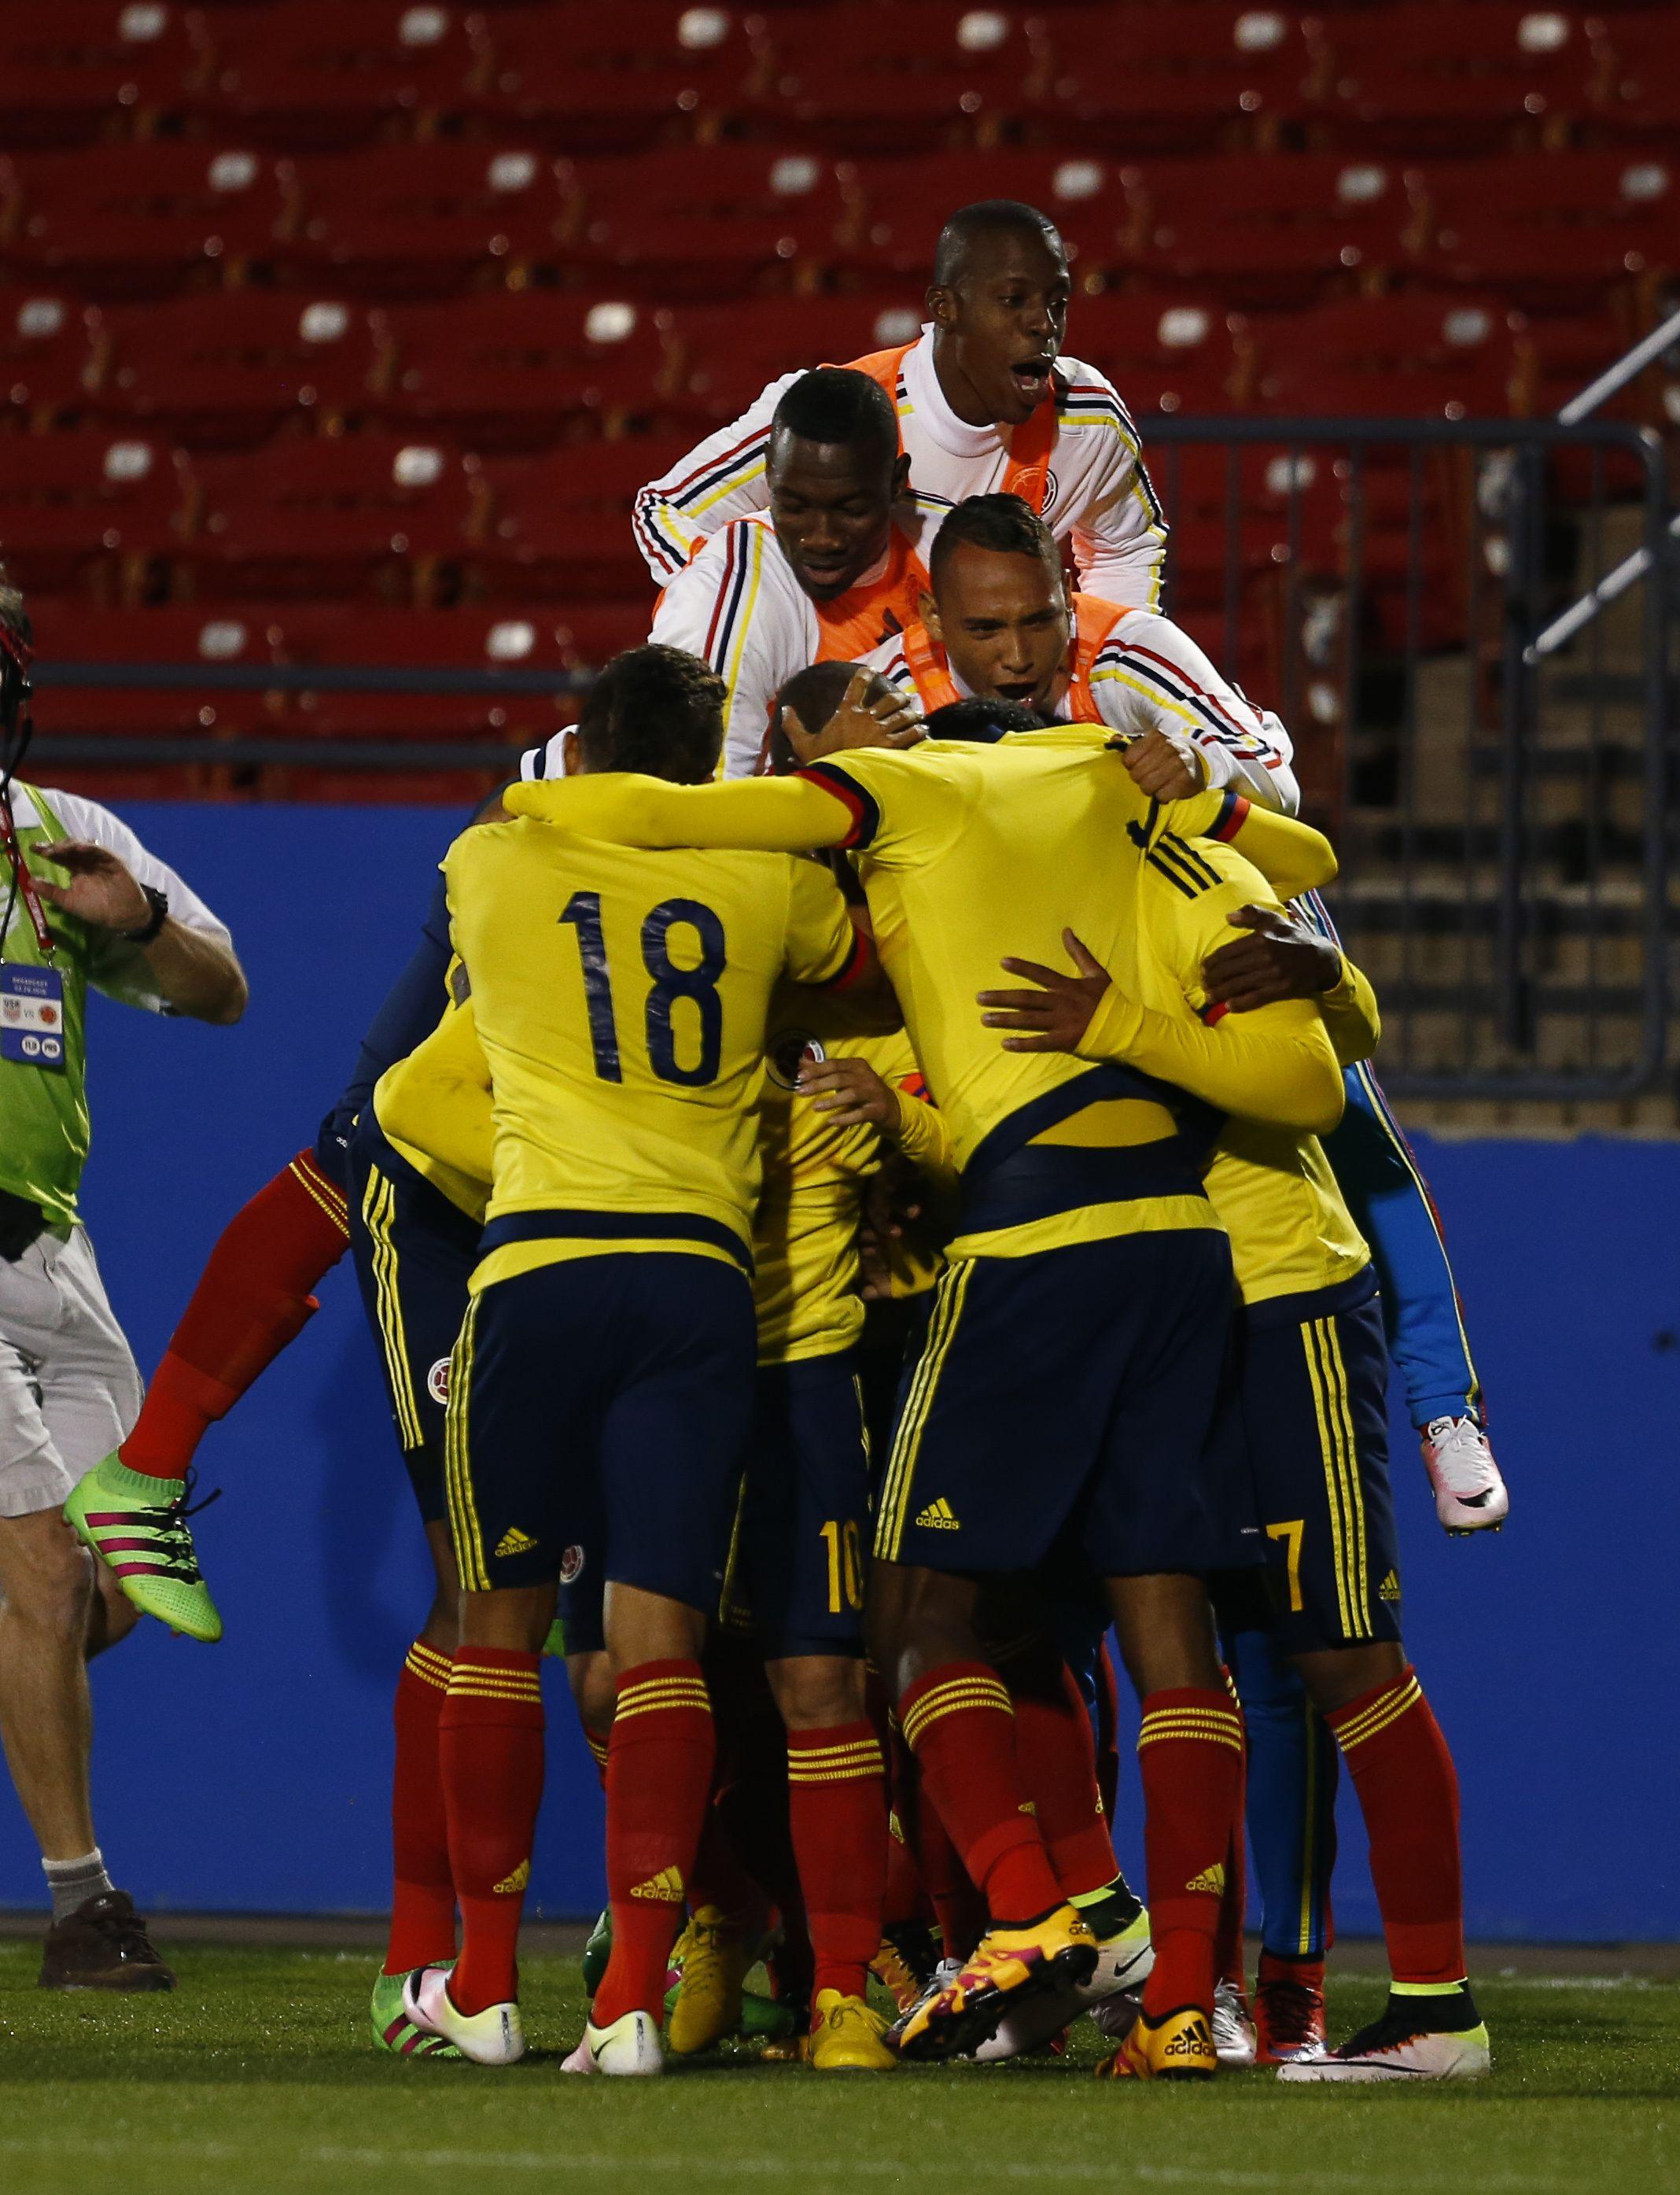 Con estos equipos peleará Argentina la medalla de oro en Río 2016